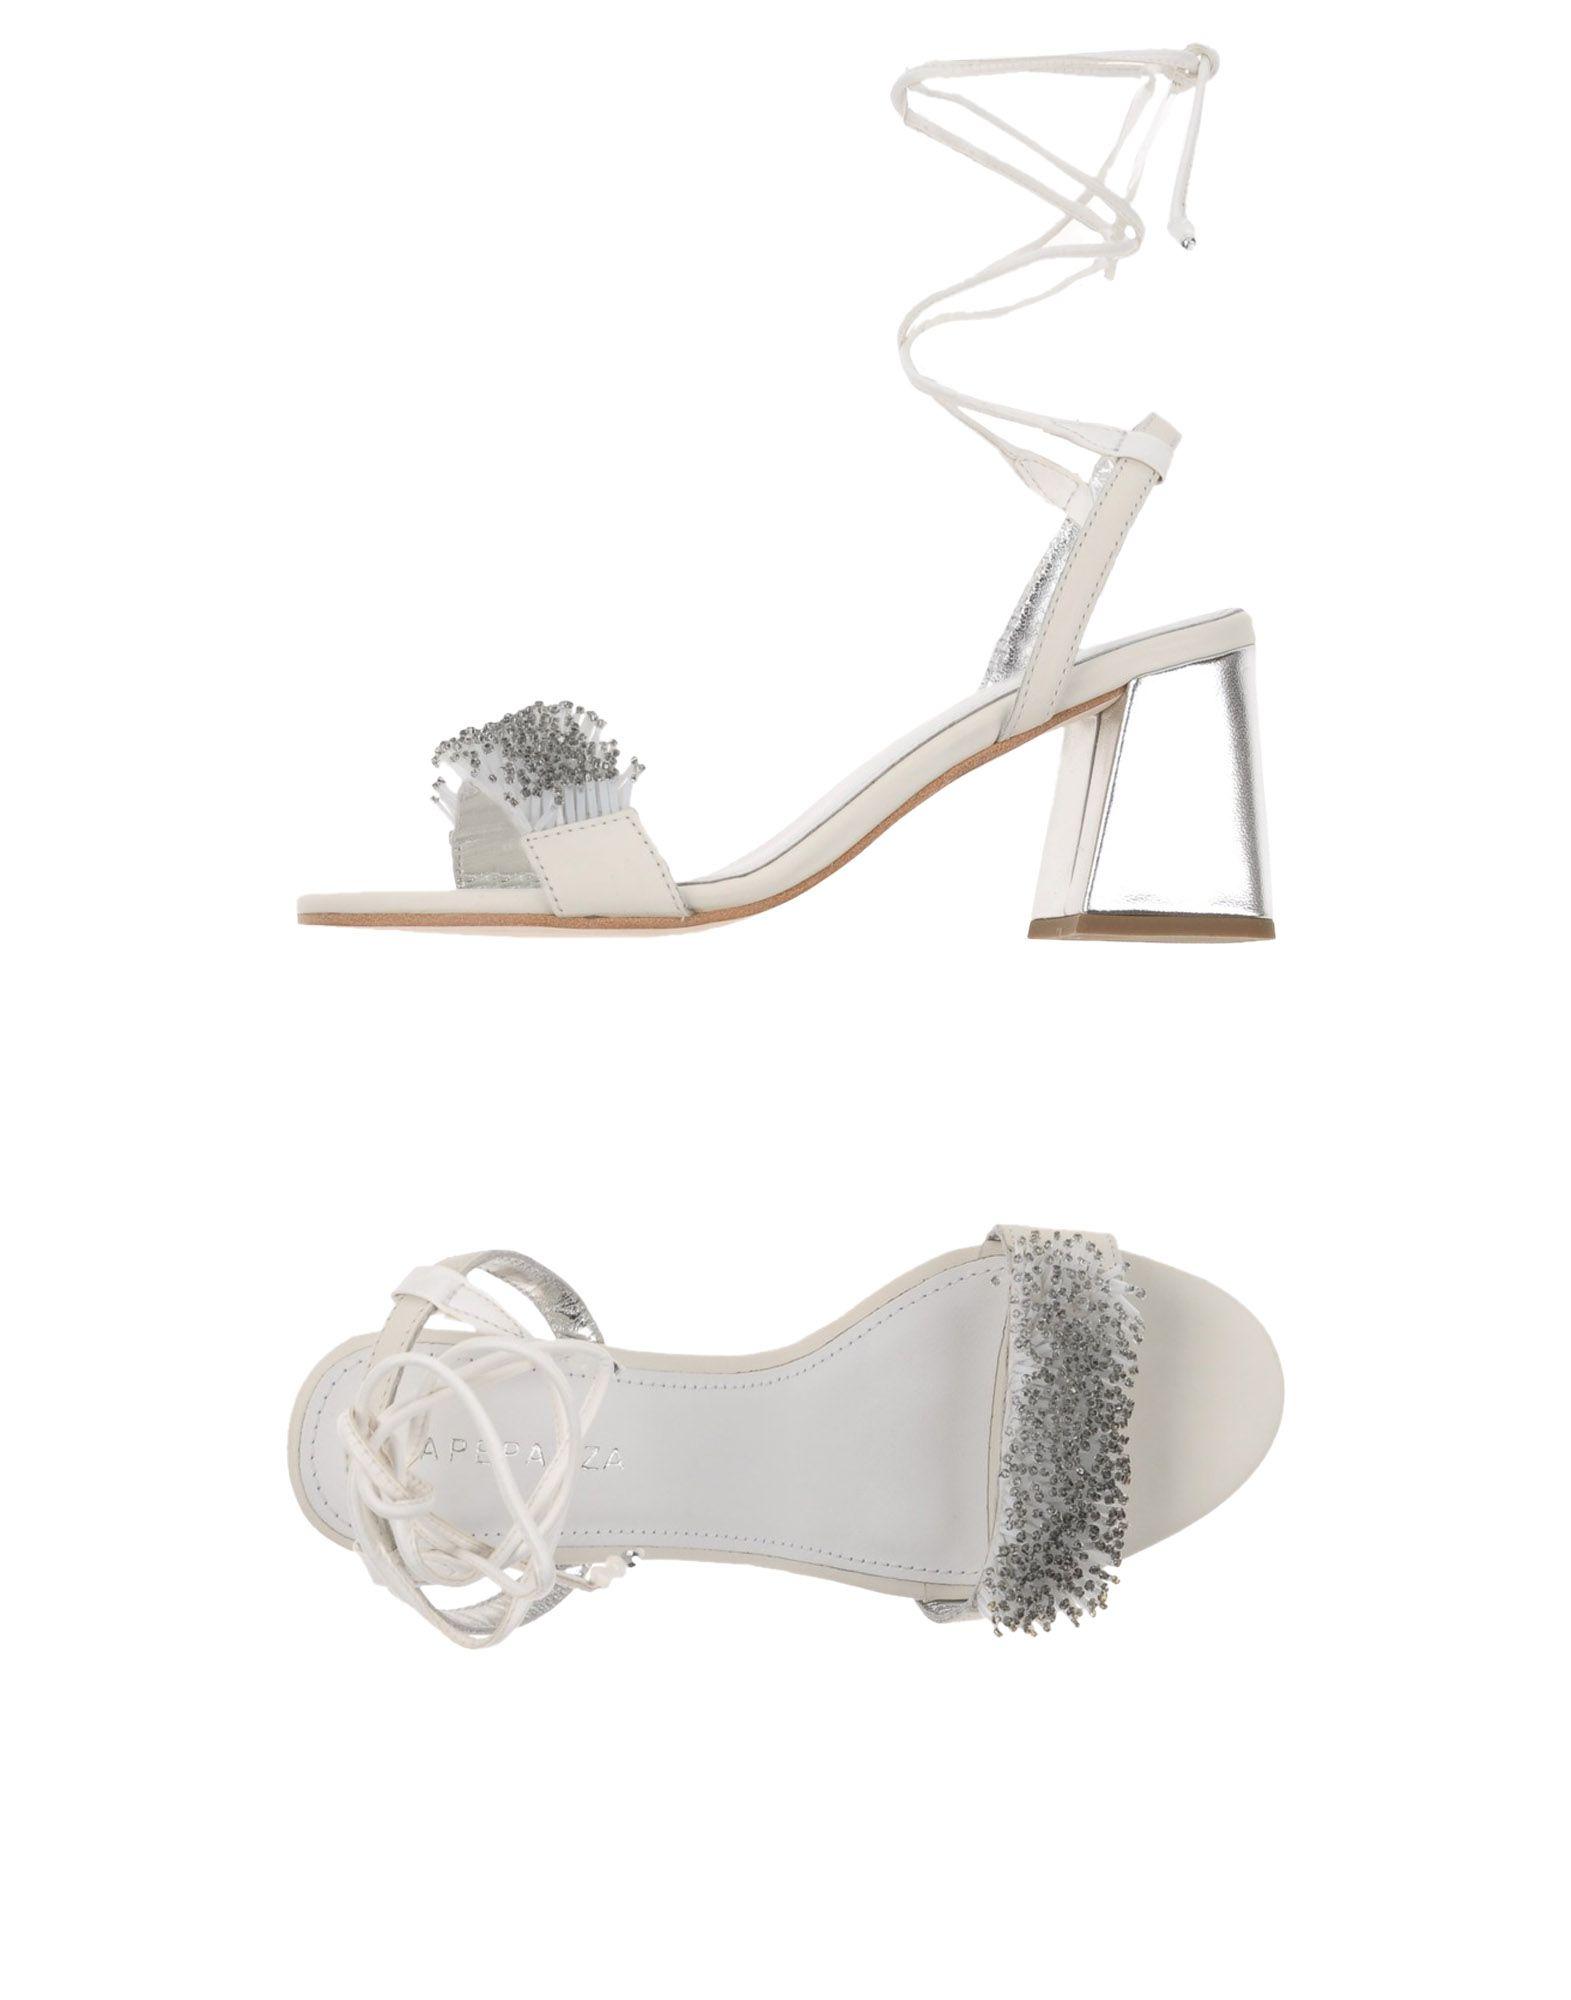 Apepazza Sandalen Damen Gute  11364430OK Gute Damen Qualität beliebte Schuhe d04aa8